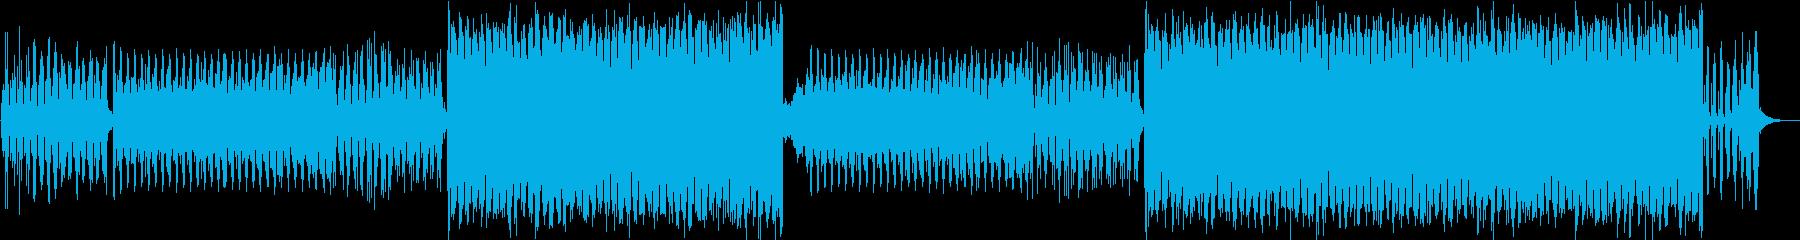 決意・エンディング・挑戦・感動的の再生済みの波形